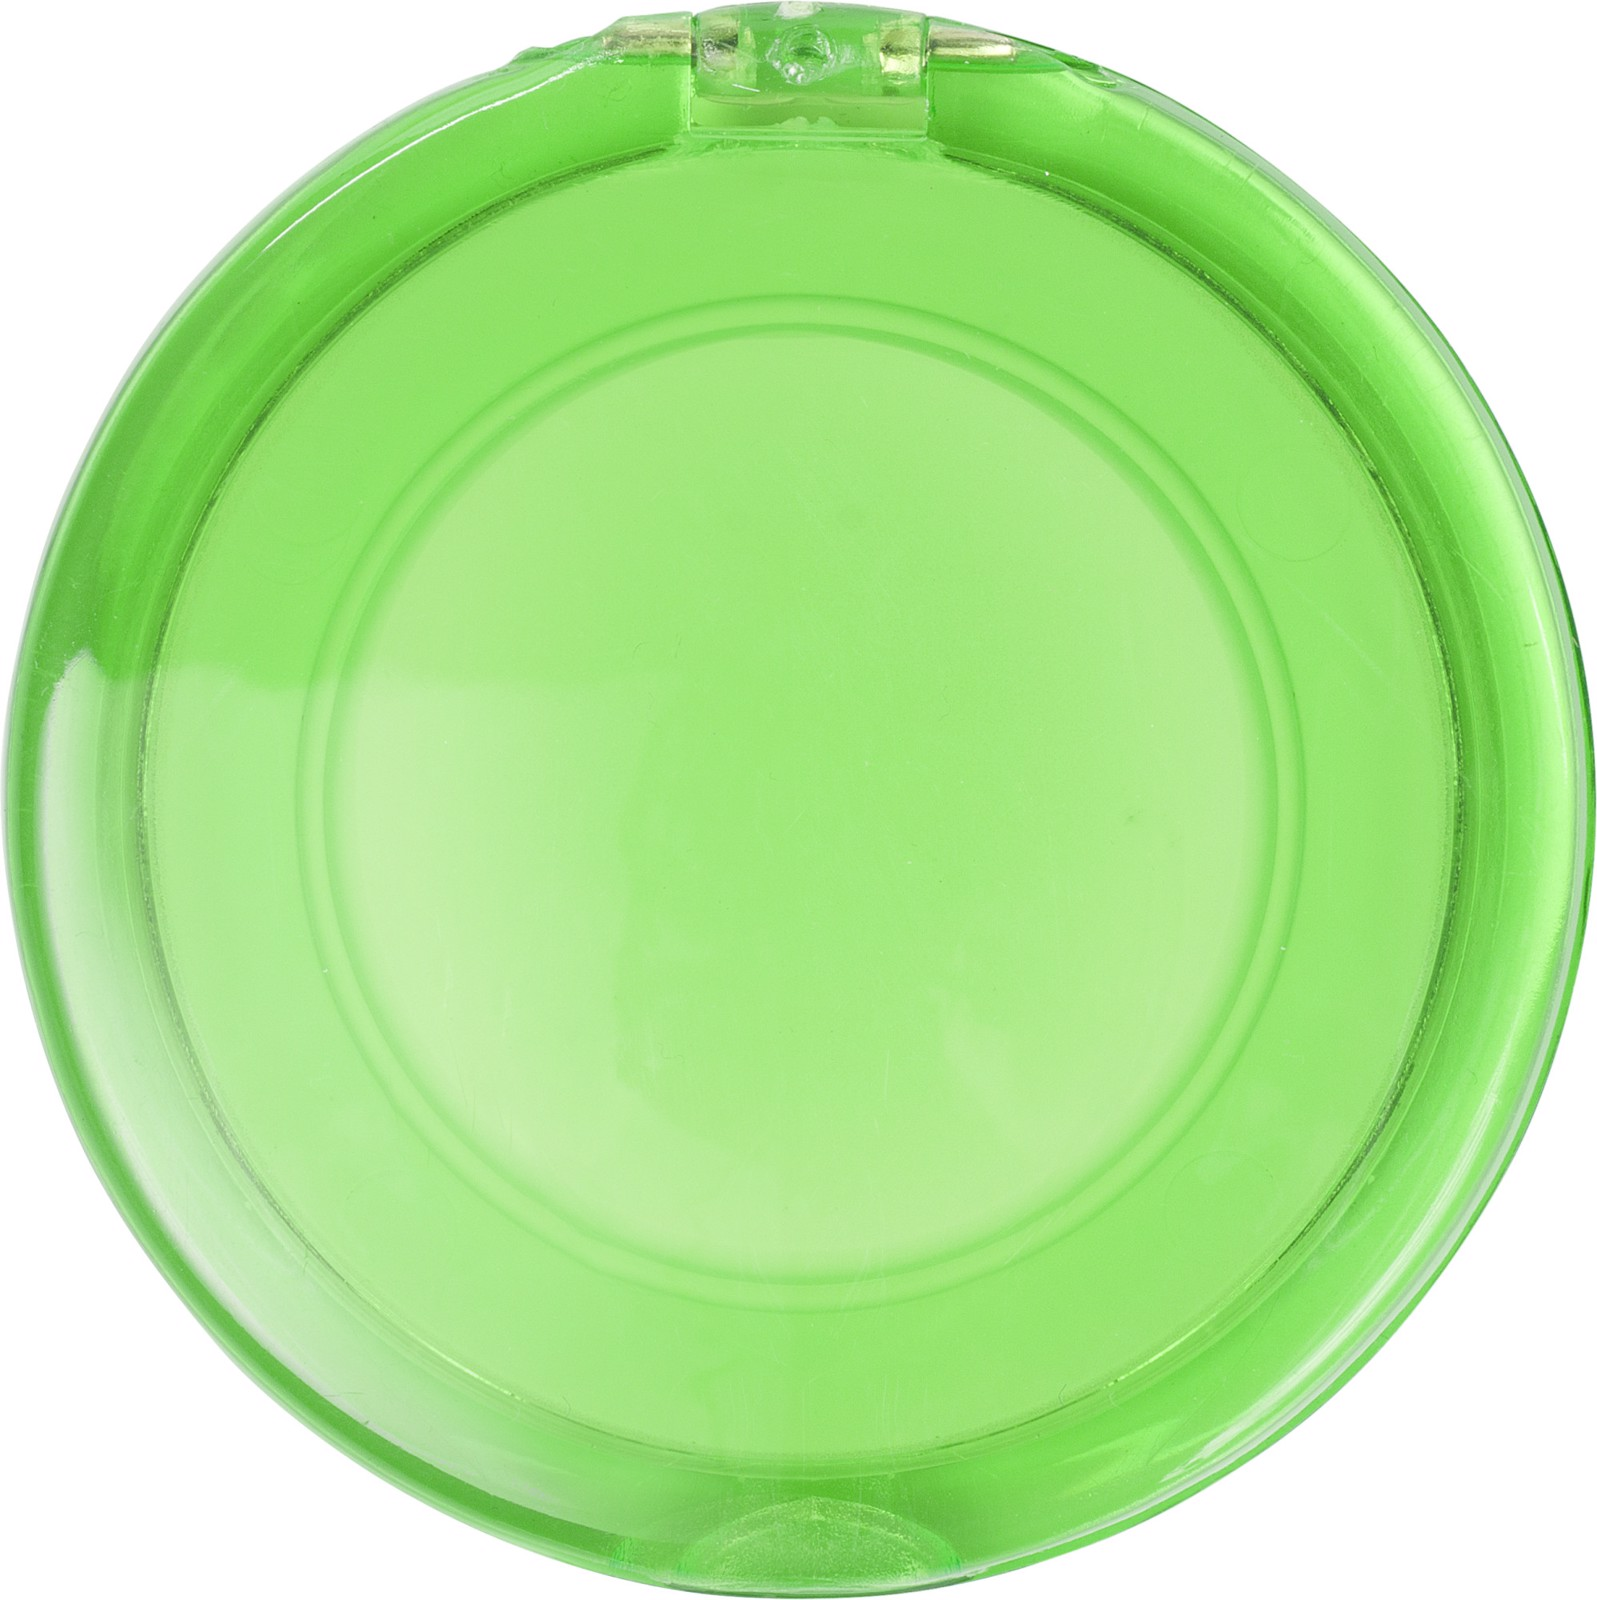 PS pocket mirror - Light Green